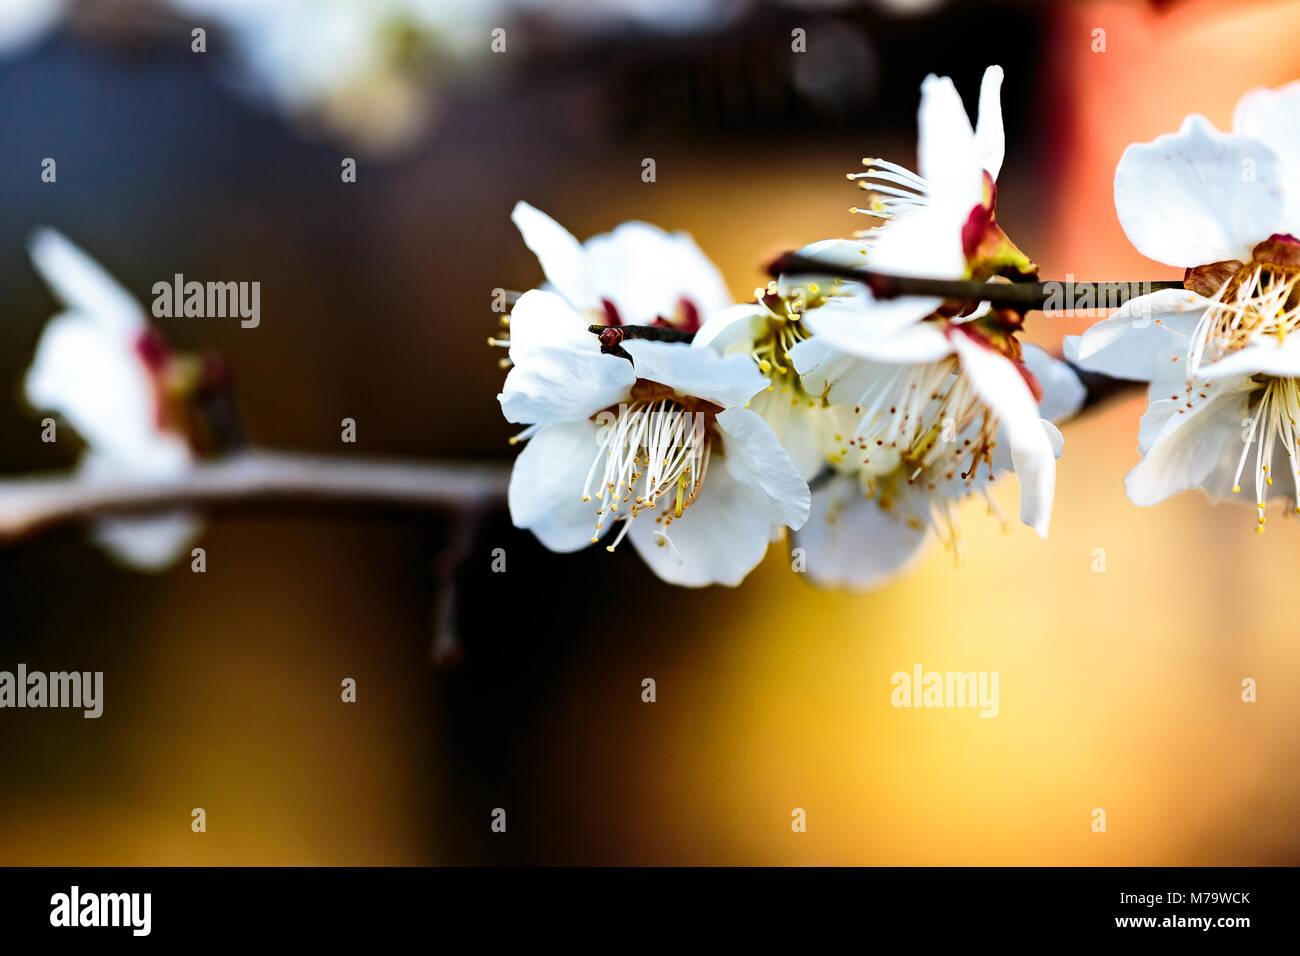 Eine kleine Gruppe aus weißen Pflaume Blüten auf einen unscharfen Hintergrund heraus. Pflaumen sind die Stockbild